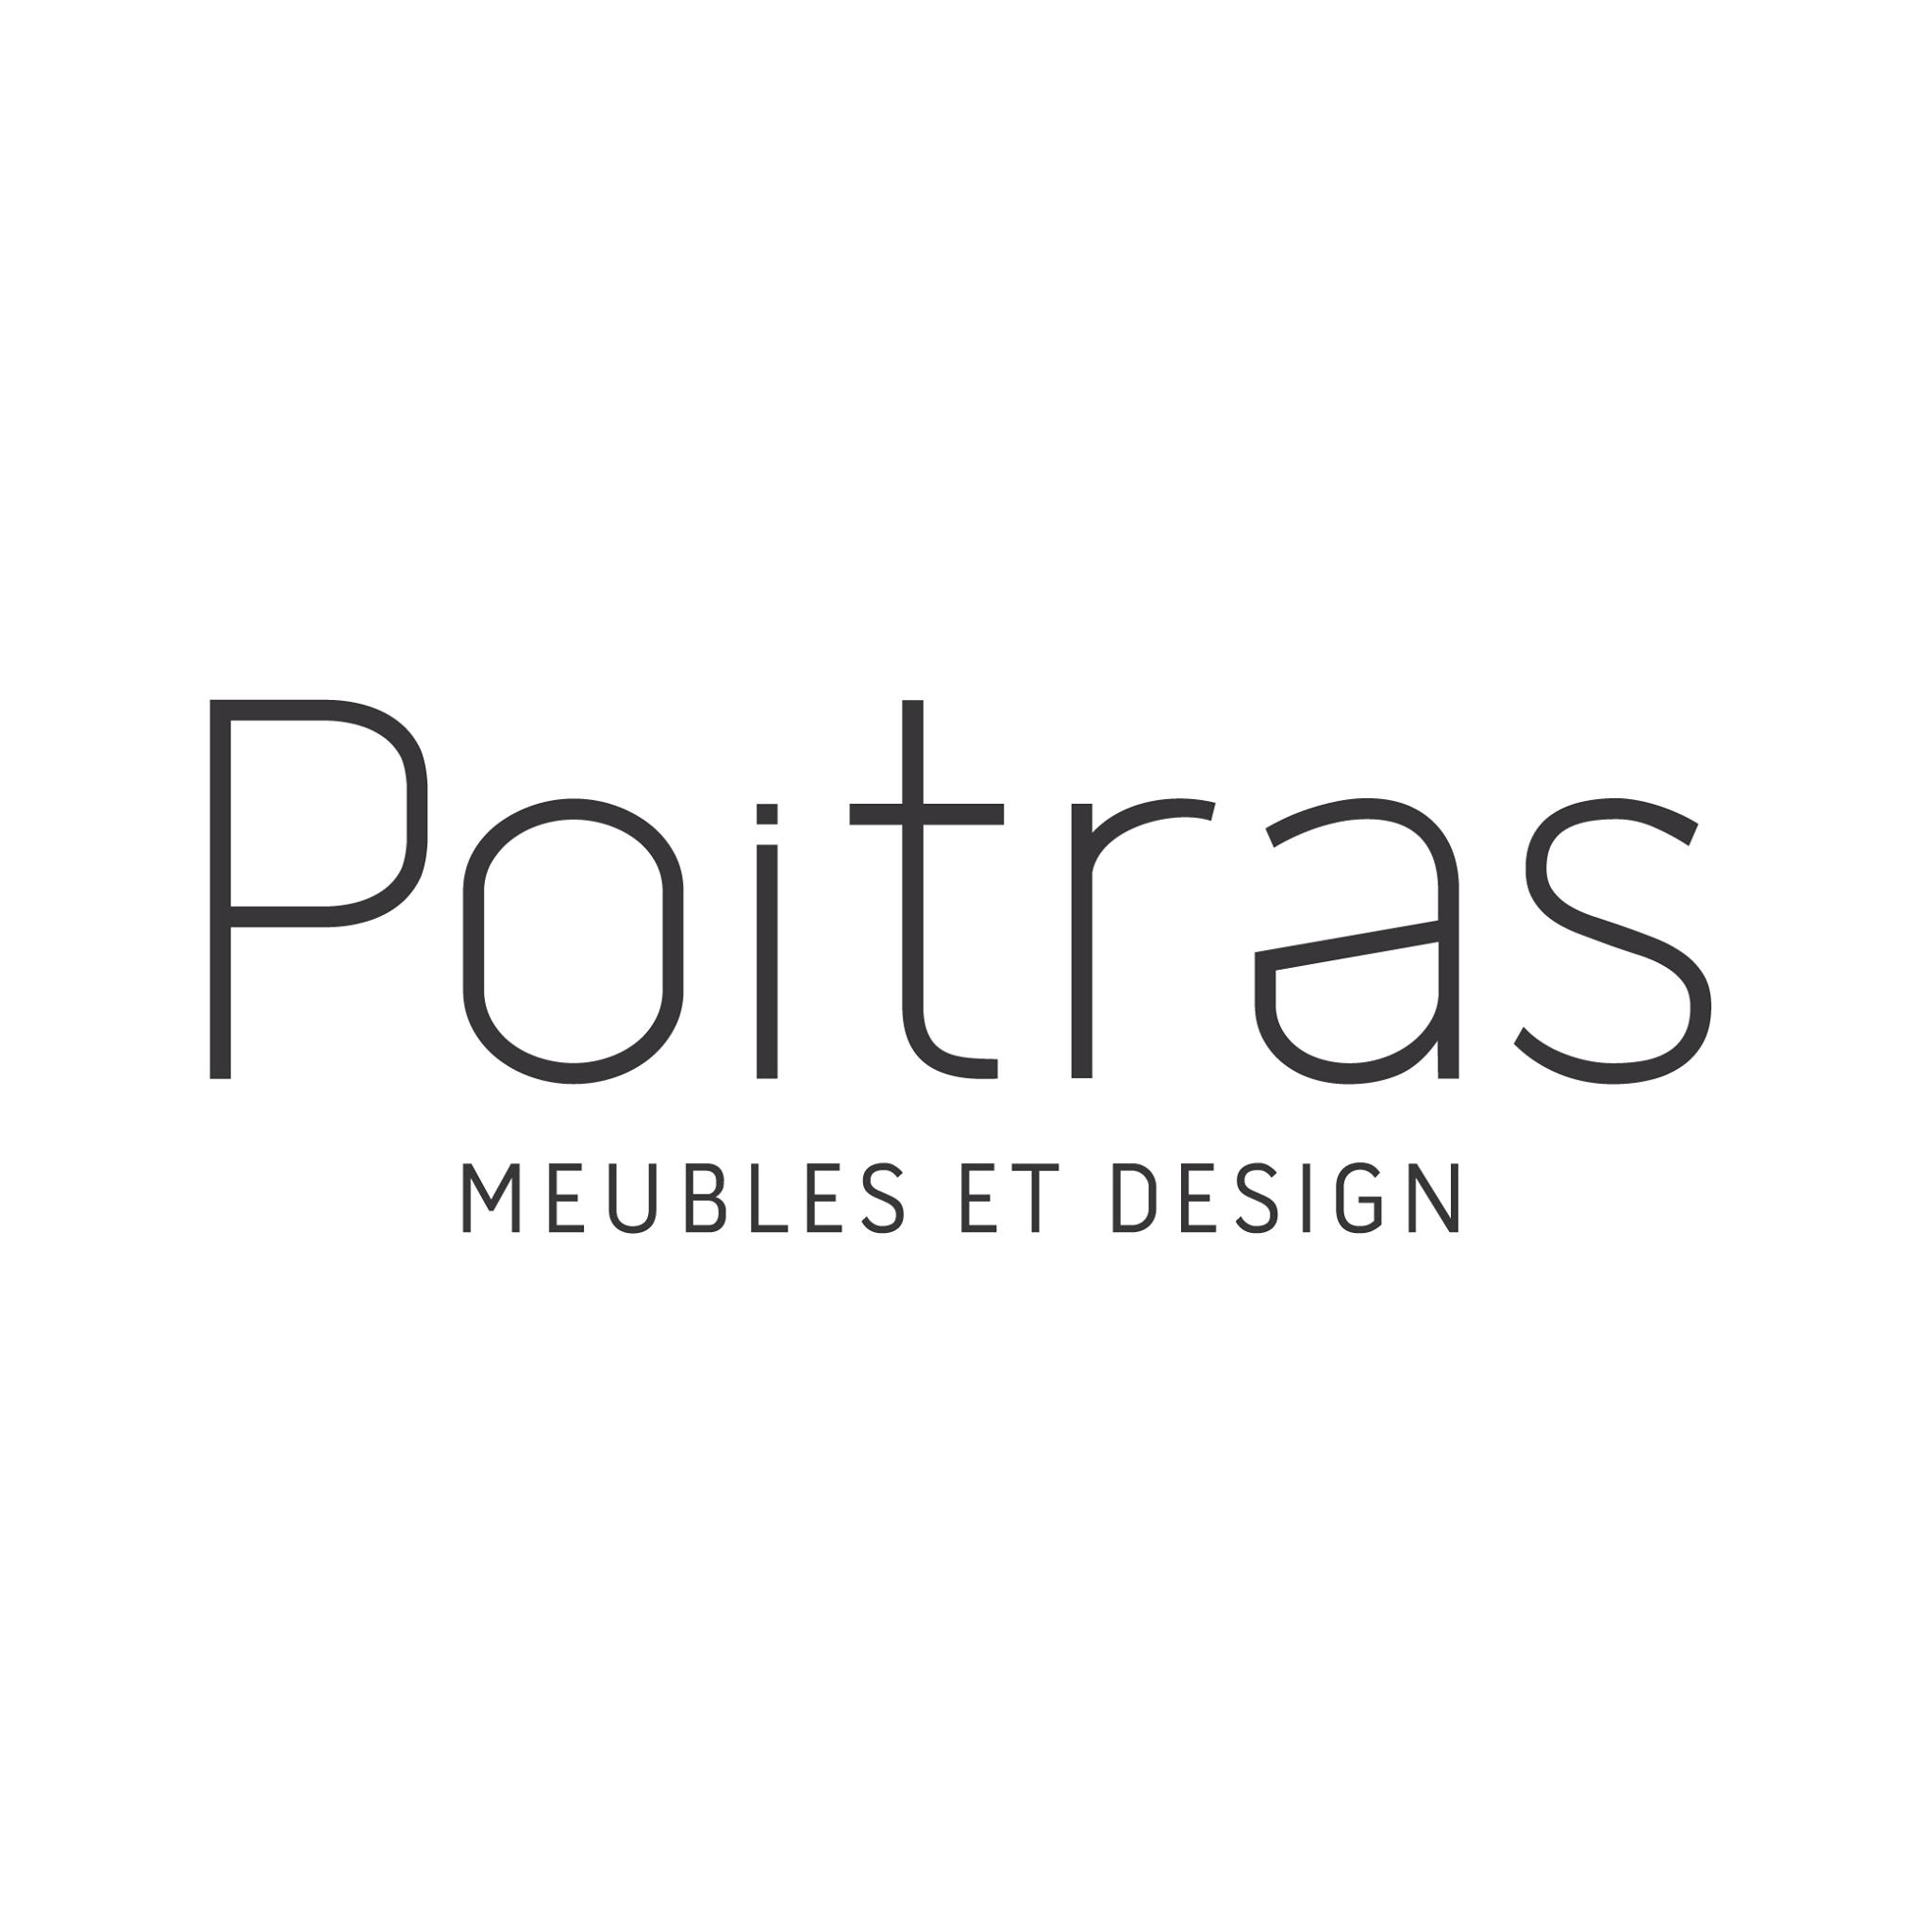 Logo Meubles Poitras